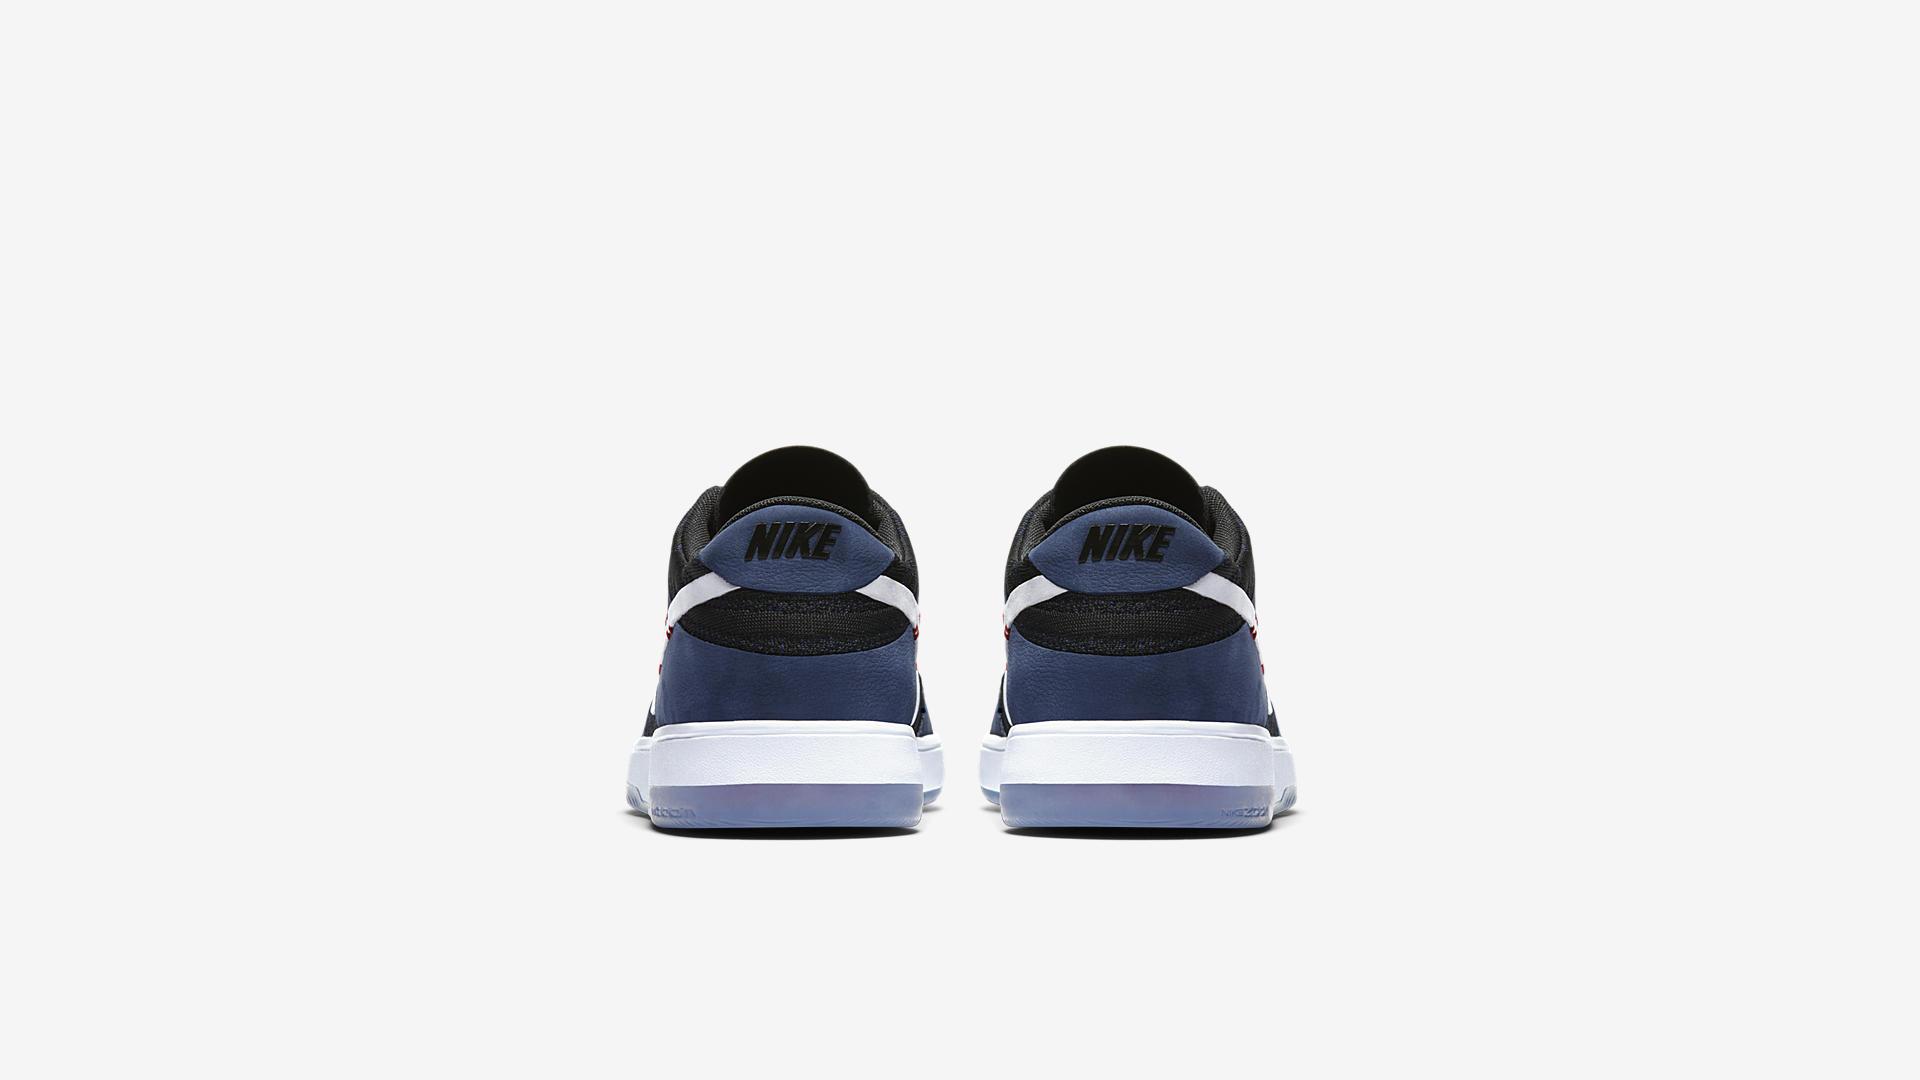 Nike SB Dunk Elite Sean Malto 3